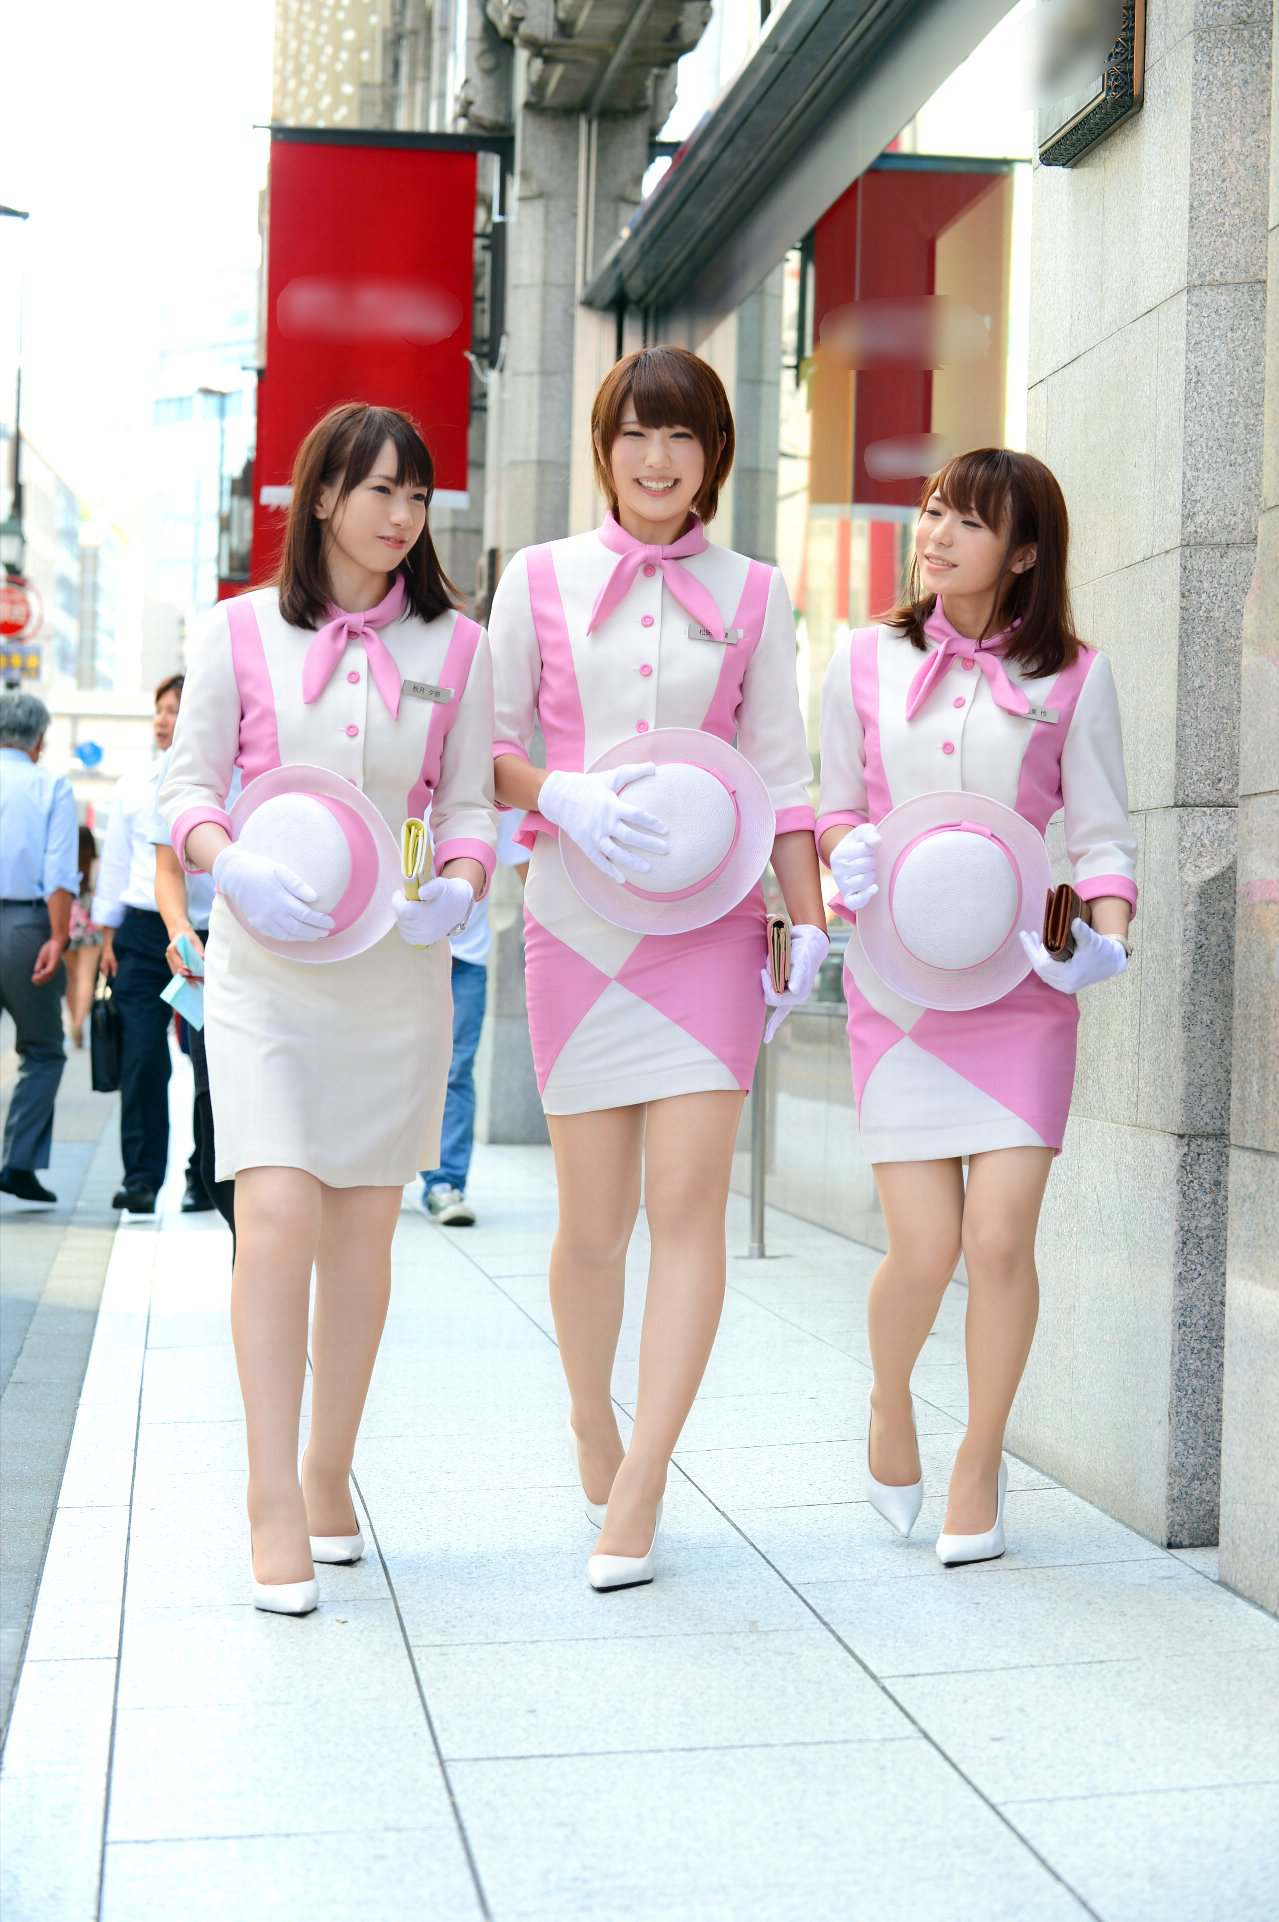 仲良し3人組キャンペーンガールがとてもエロイ!!9枚目